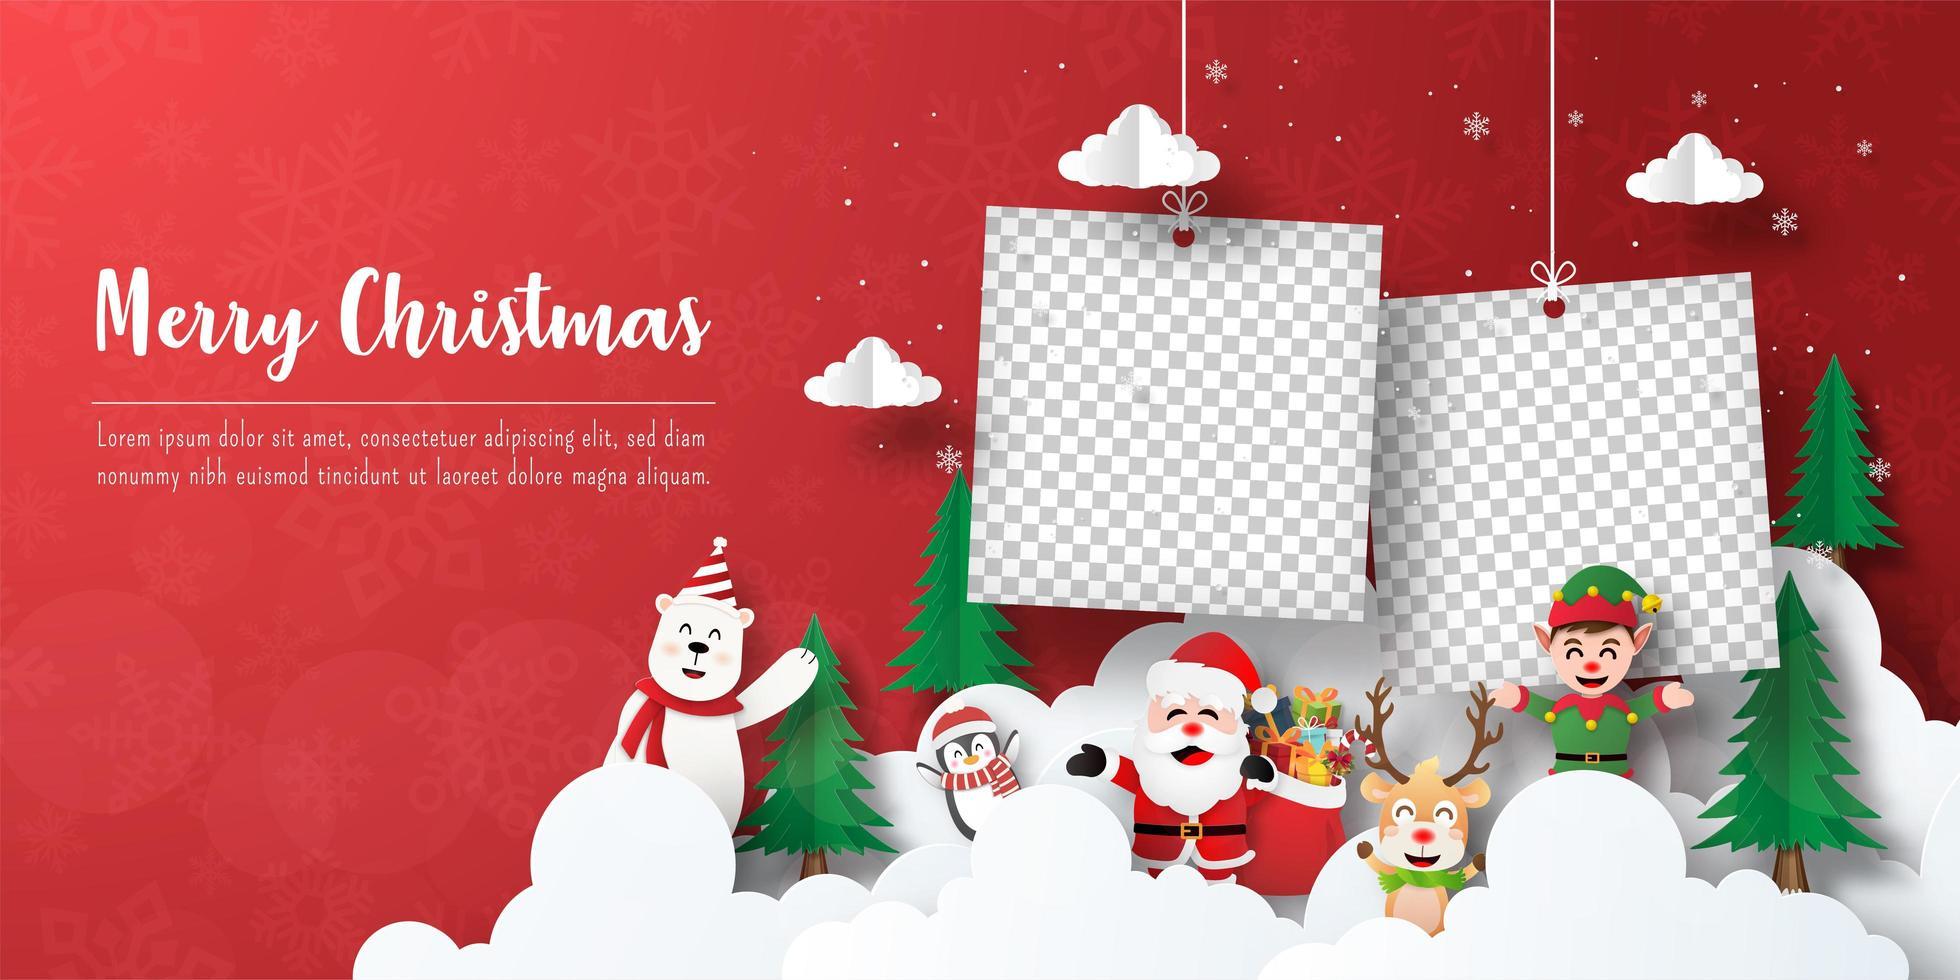 bannière de carte postale de Noël de cadres photo avec le père Noël et ses amis vecteur